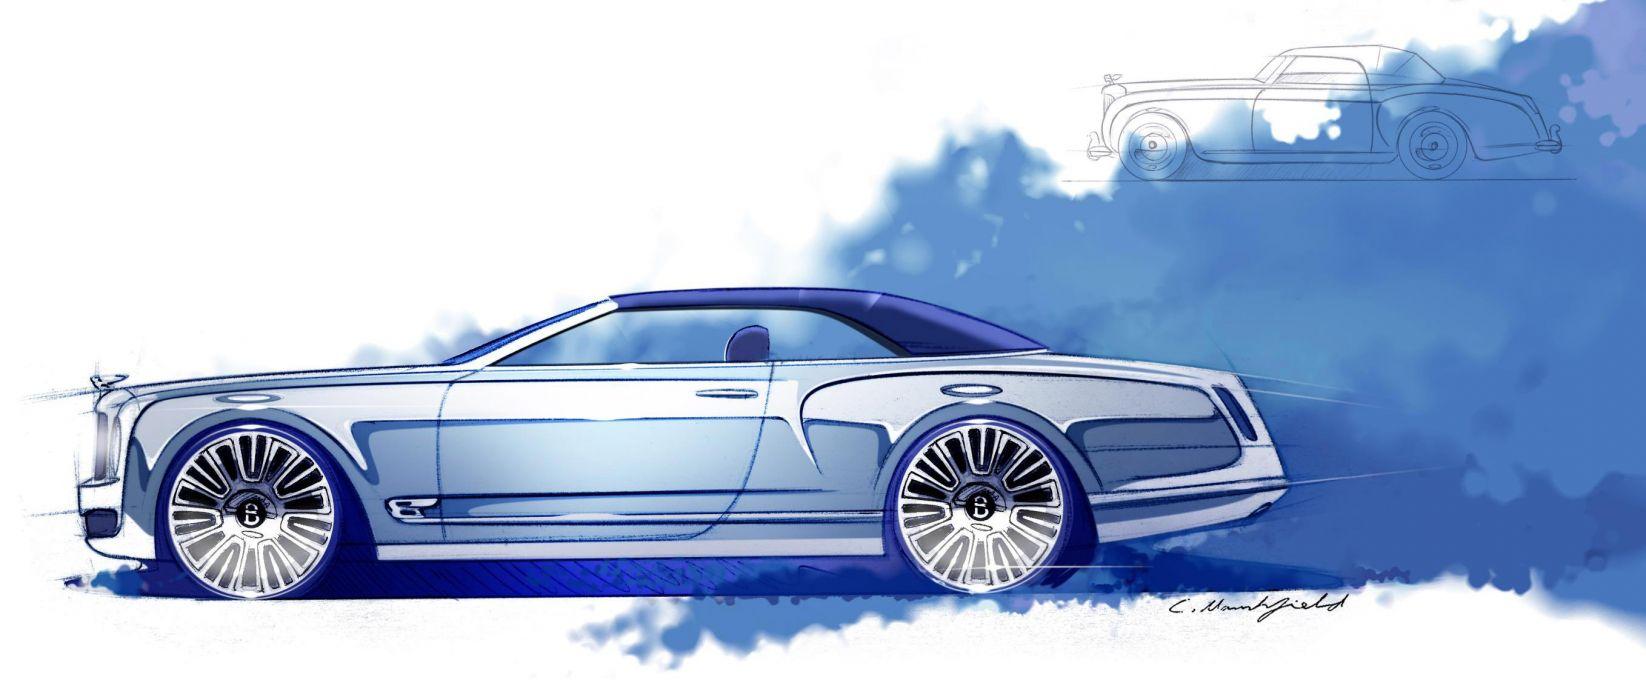 2012 Bentley Mulsanne Convertible Concept wallpaper